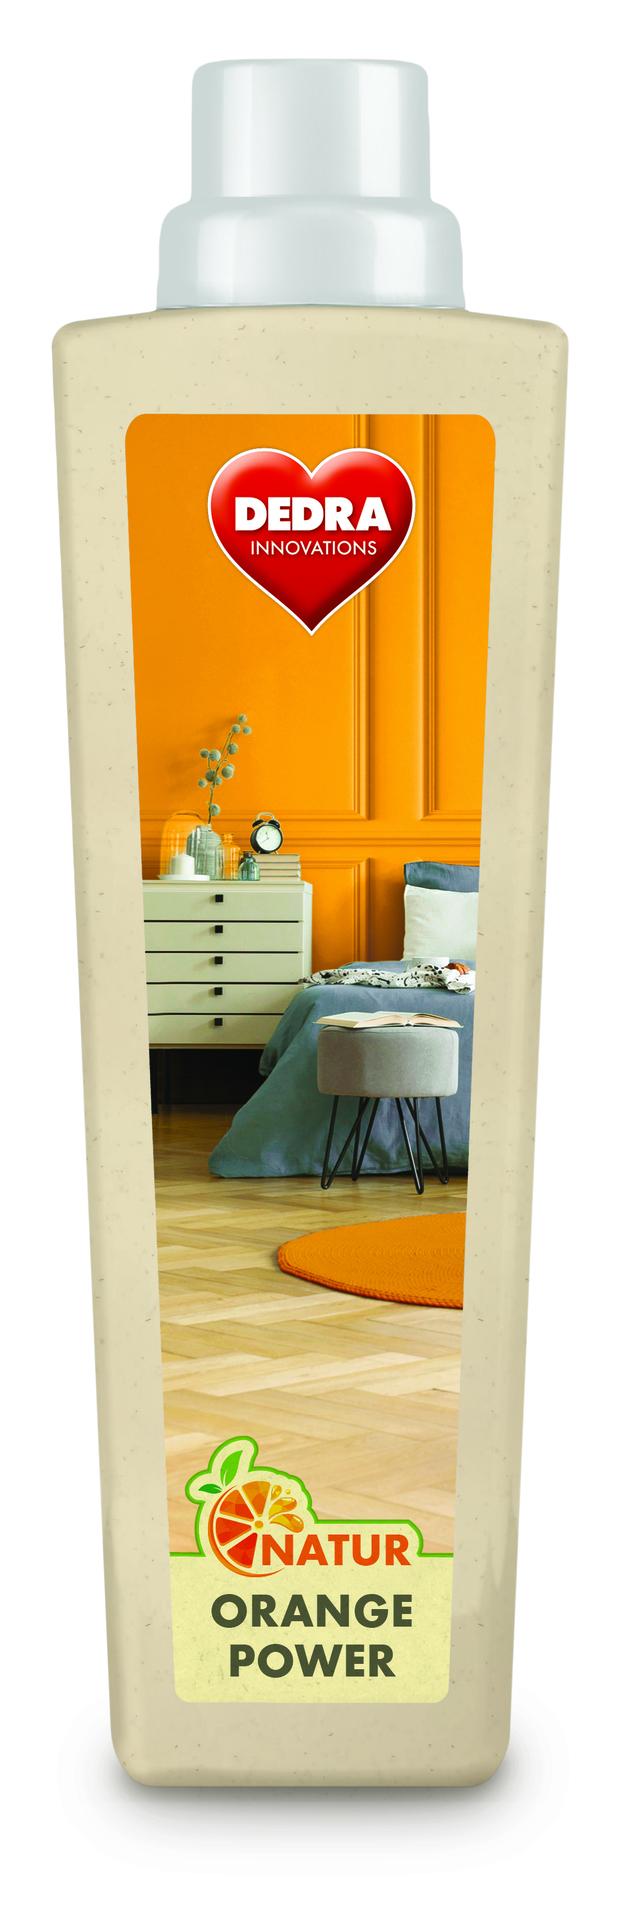 Mycí přostředek na podlahu NATUR ORANGE POWER s pomerančovým olejem na dřevěné podlahy, parkety a hladké povrchy